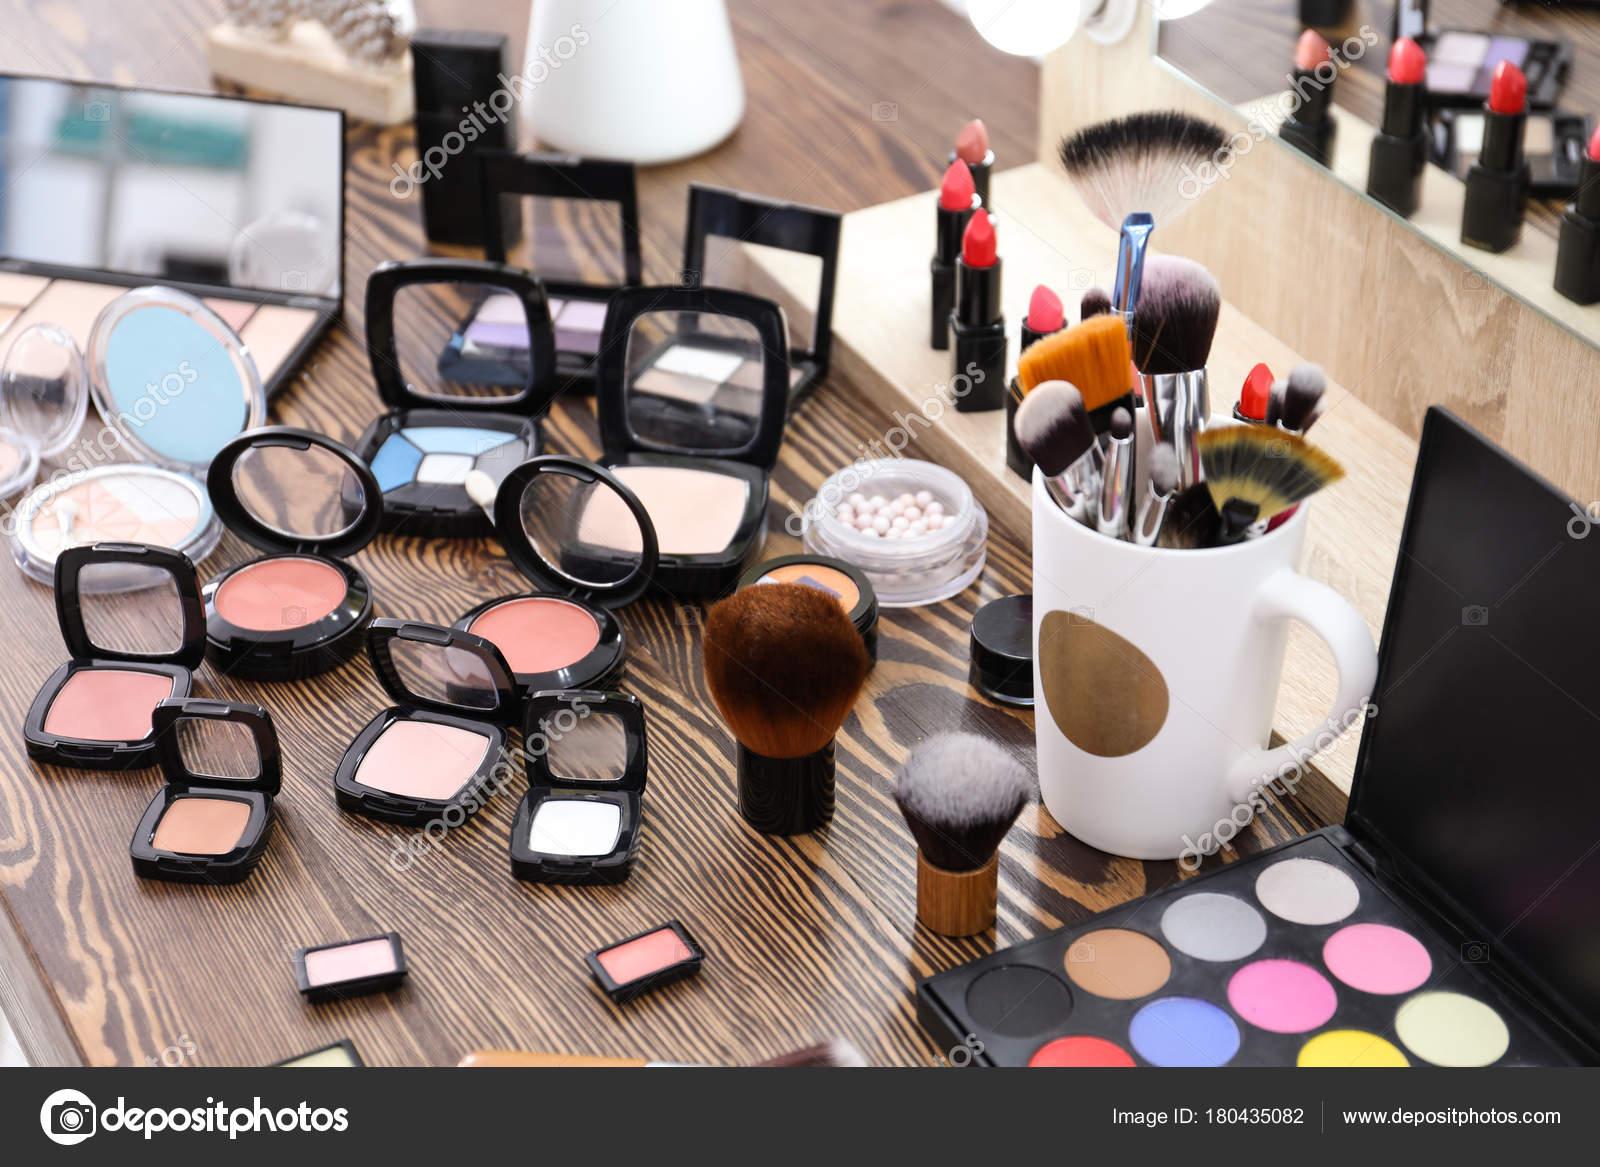 Decorative Cosmetics Tools Professional